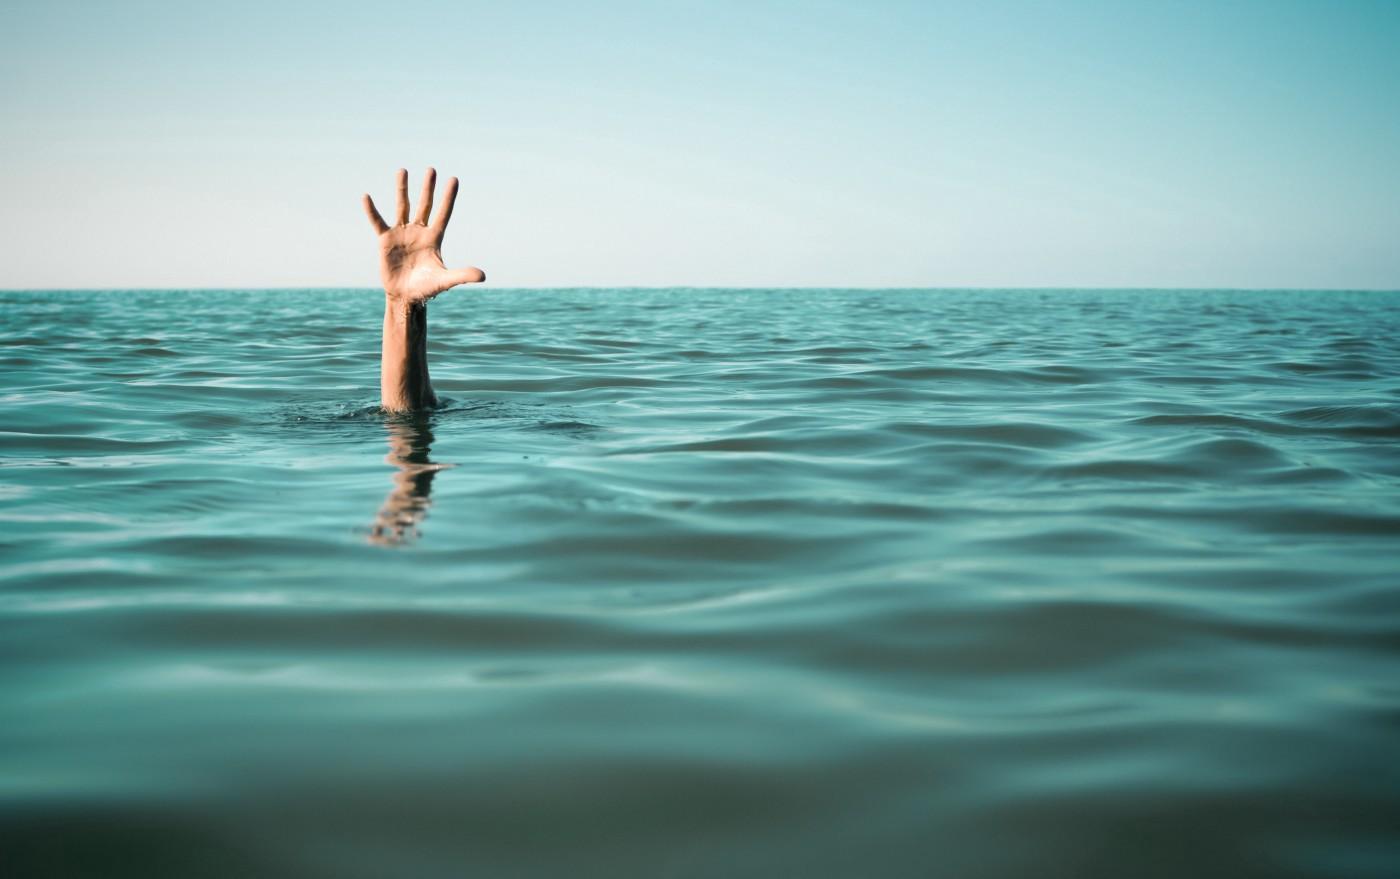 Hadoop衰落,数据湖项目开始失败,我们该如何应对?